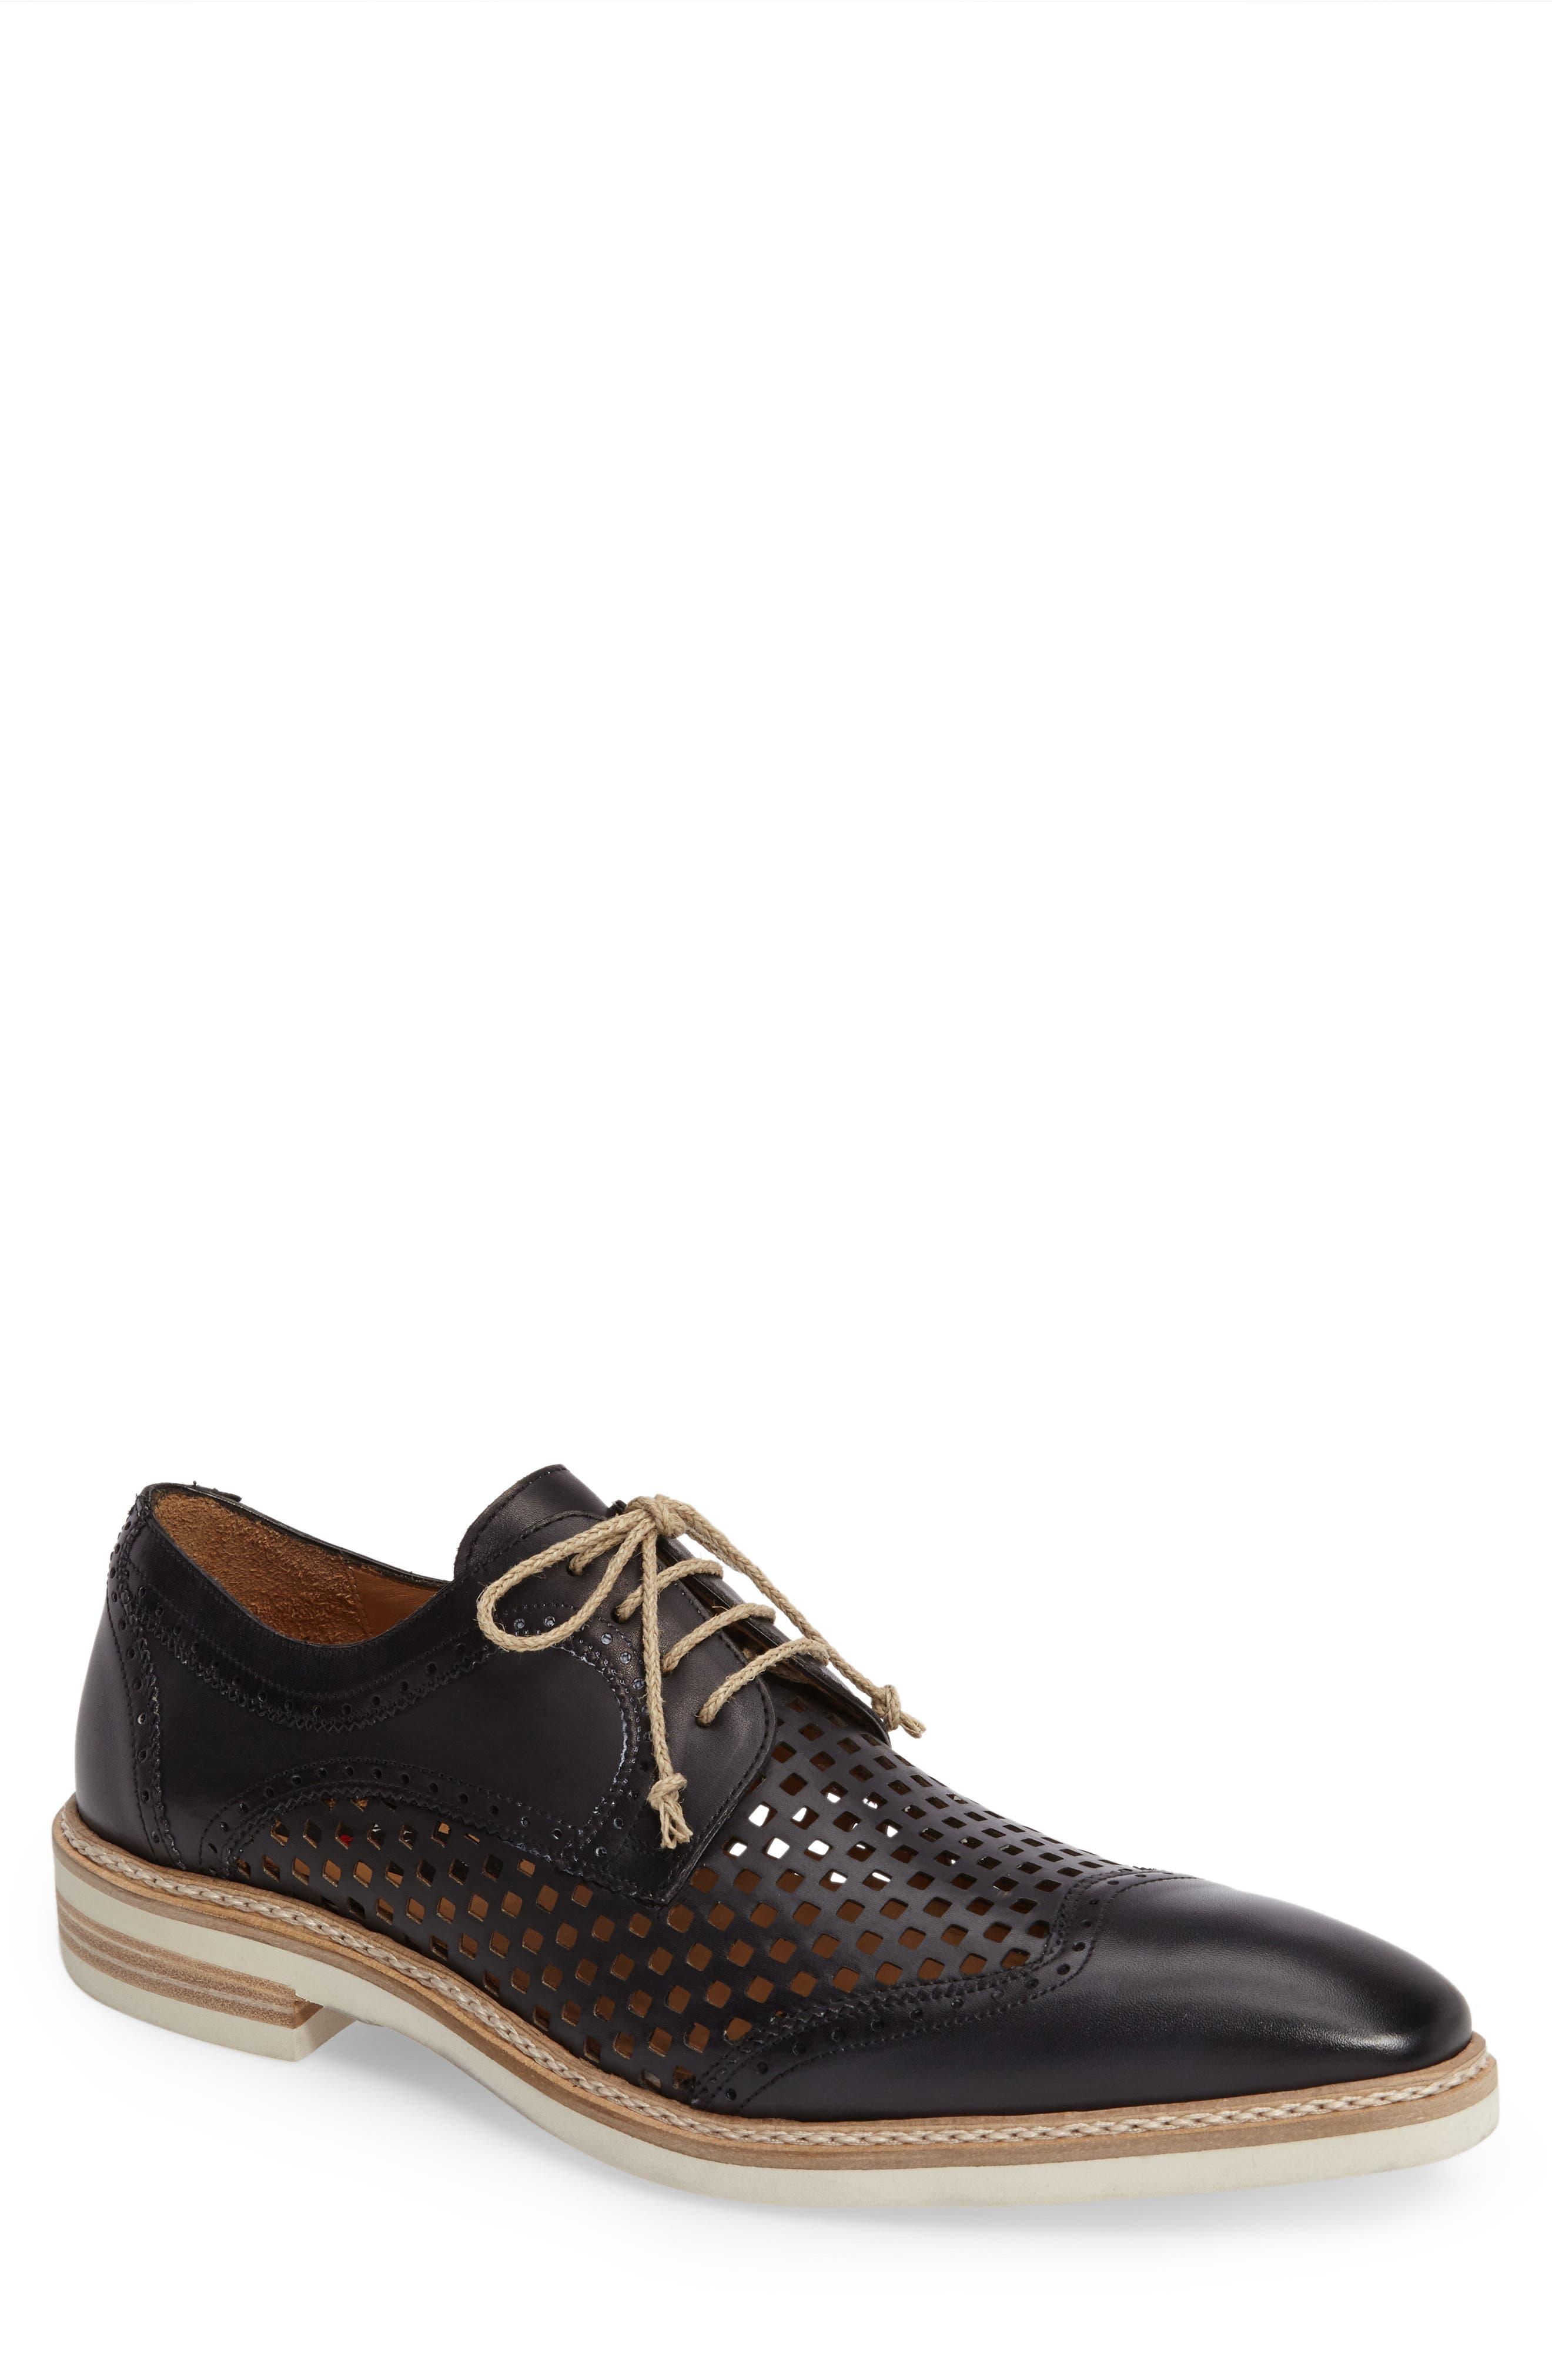 Alvarez Spectator Shoe,                         Main,                         color, 001